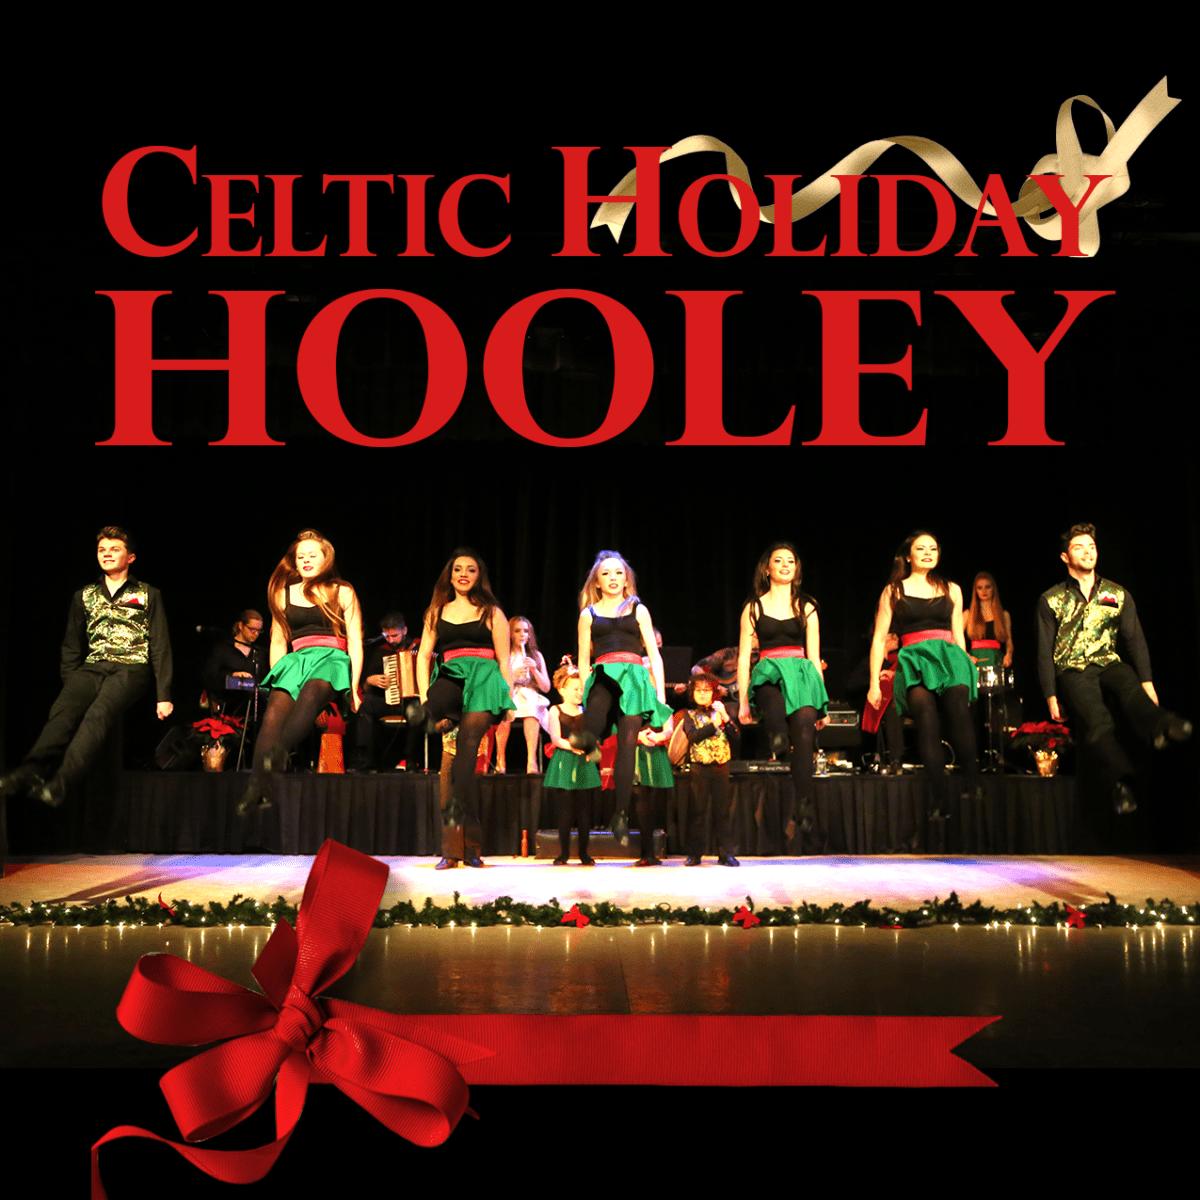 Irish Christmas show